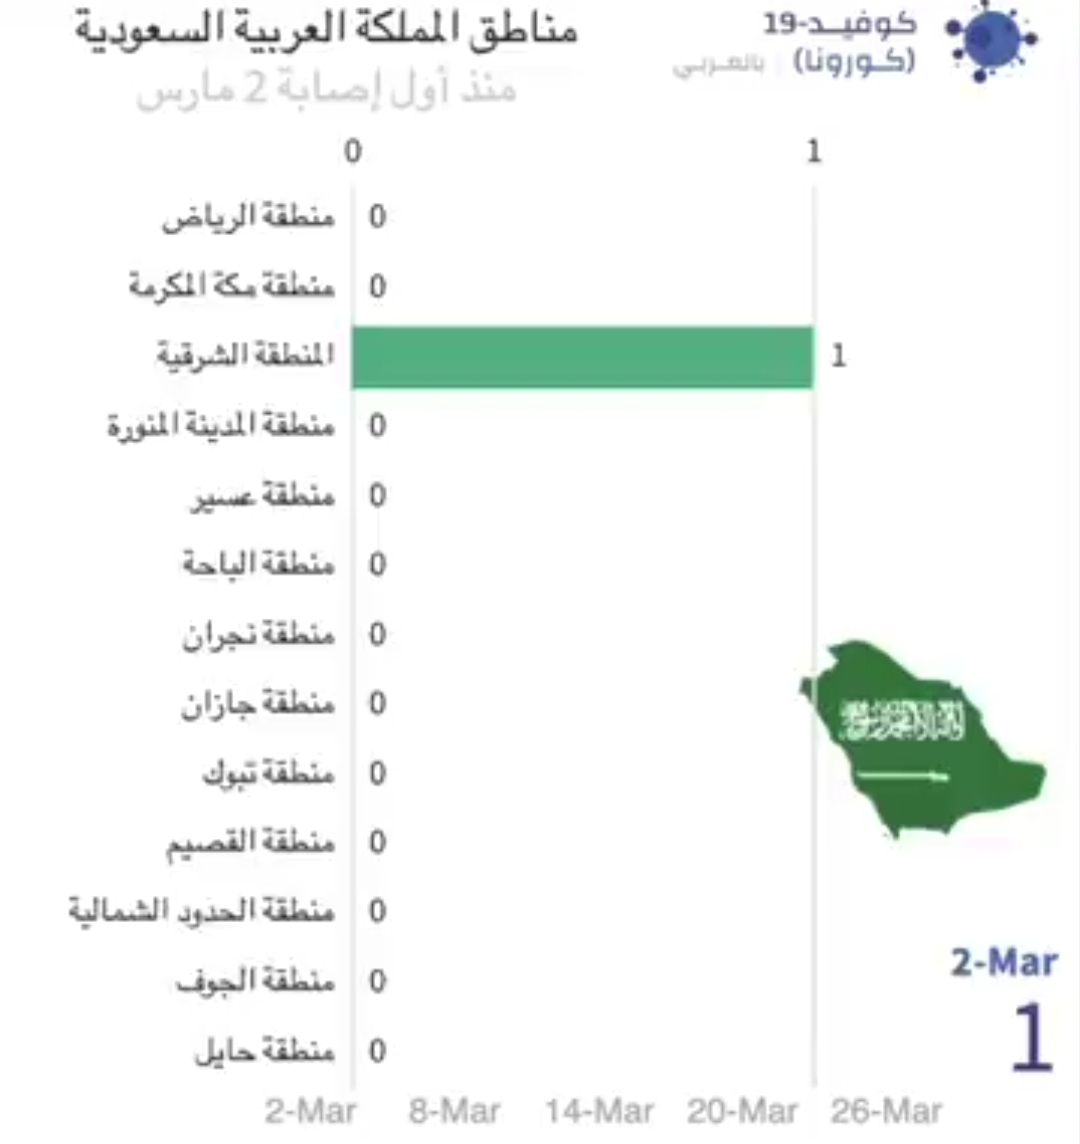 تسلسل انتشار كورونا في #السعودية